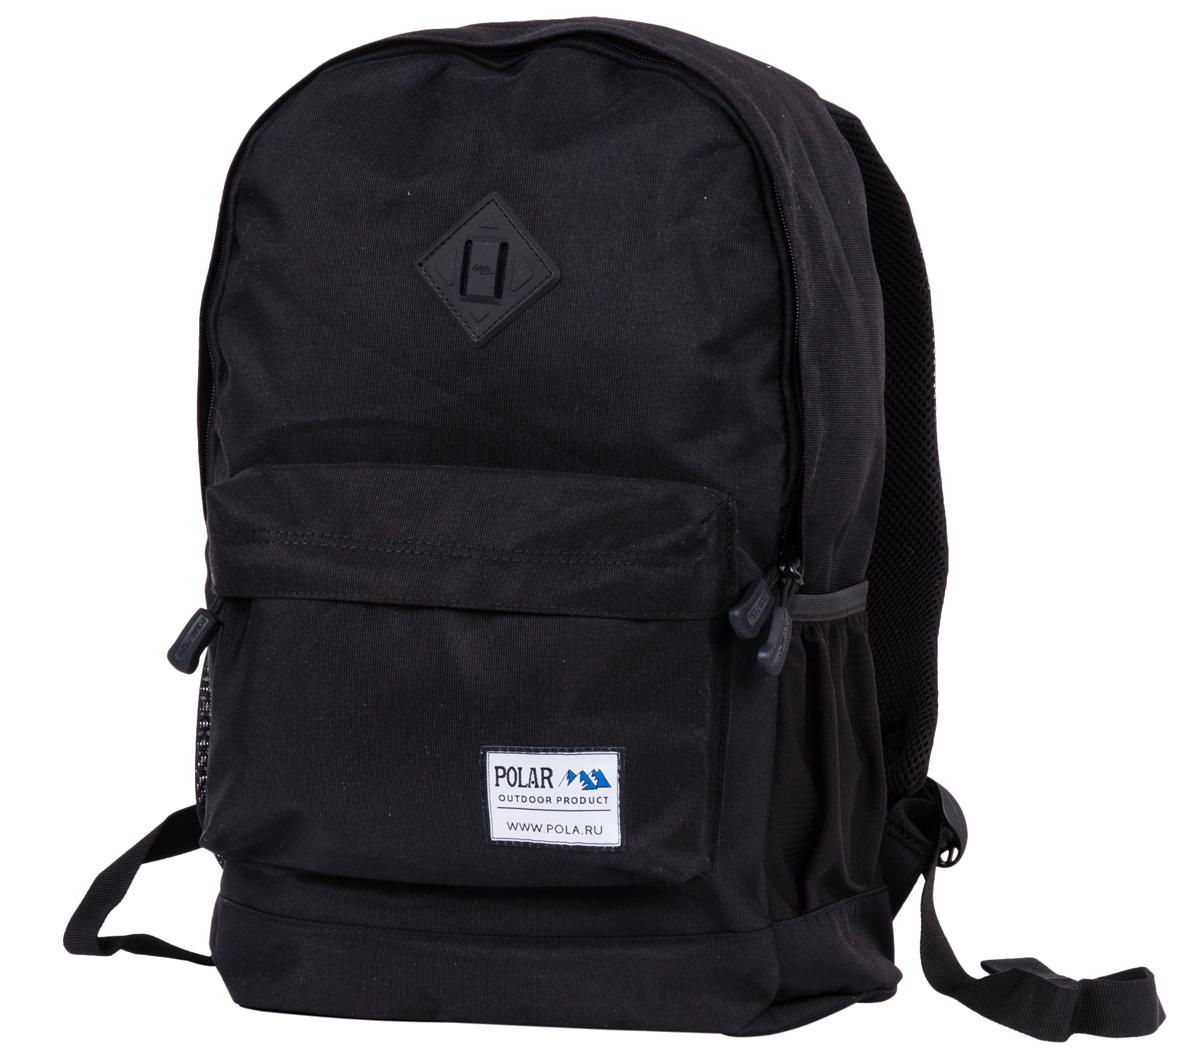 Рюкзак городской Polar, цвет: черный. 22,5л. 15008